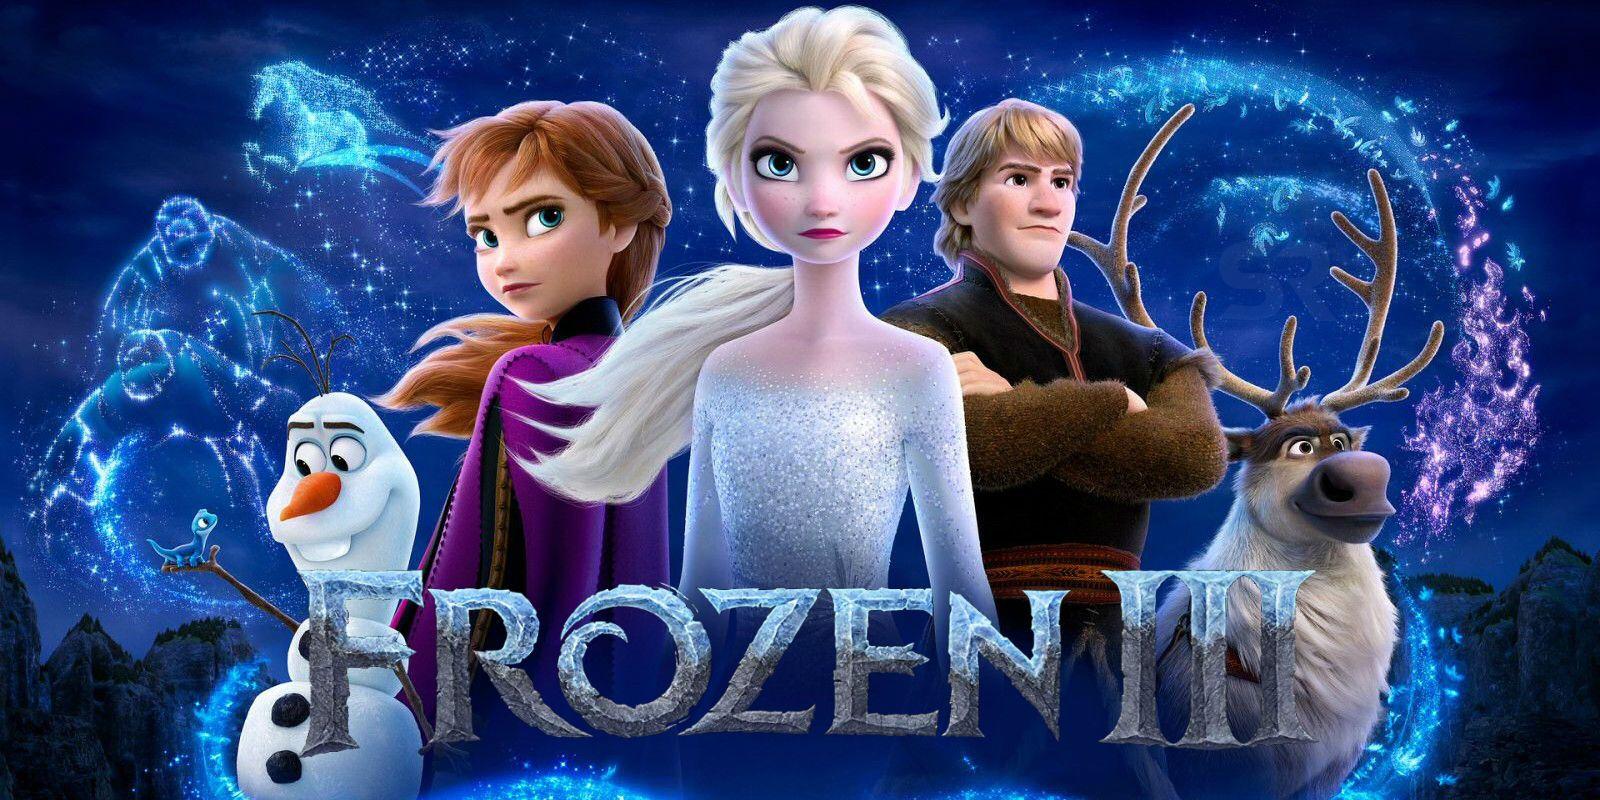 Frozen release date